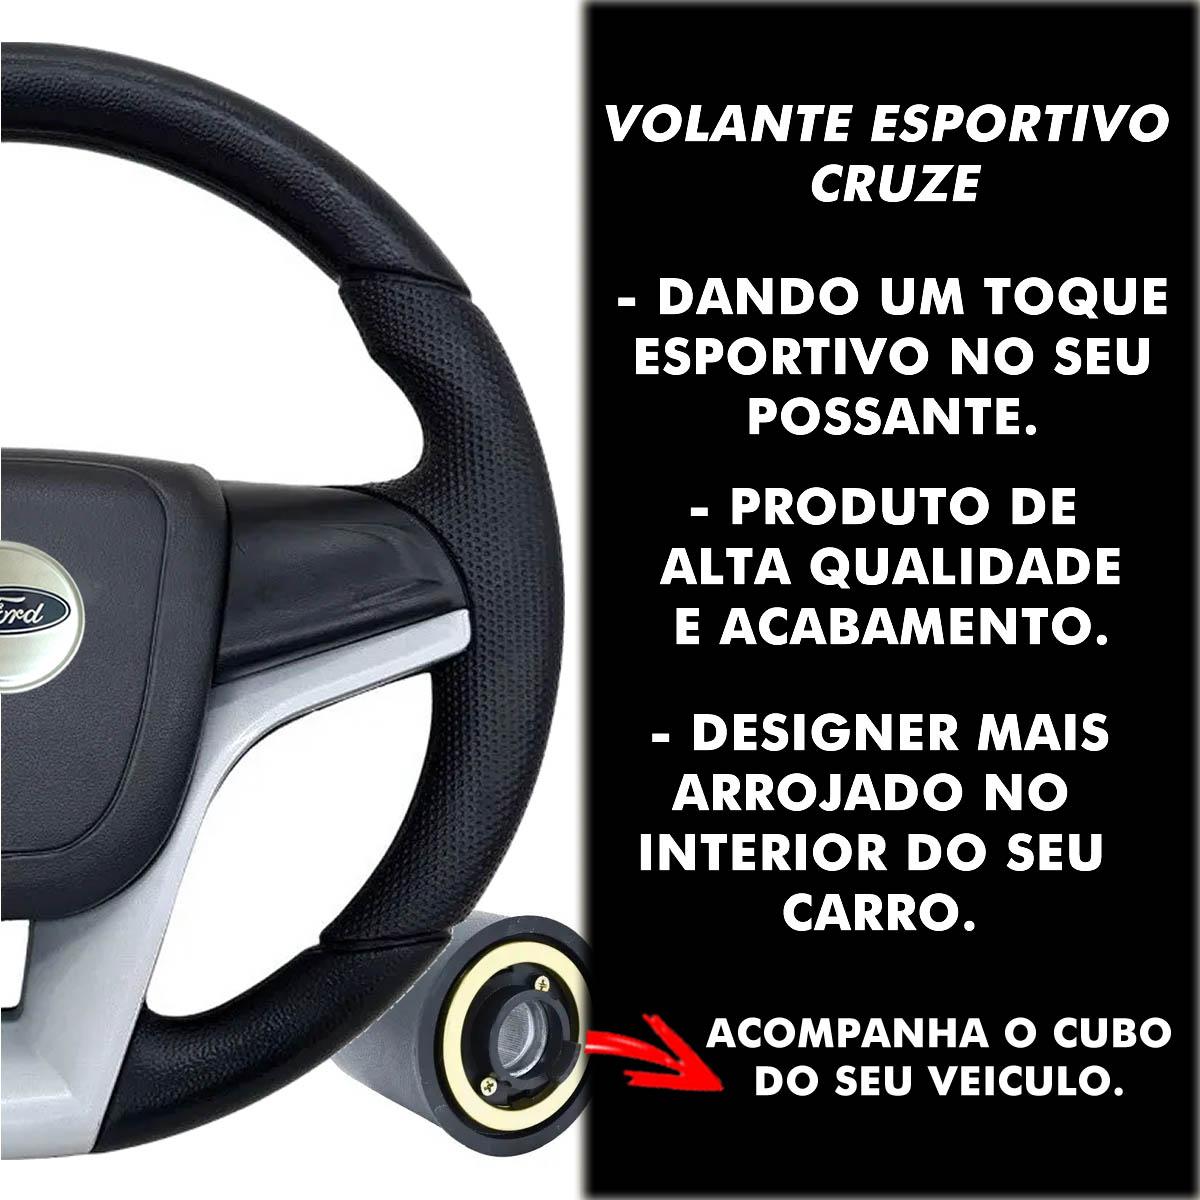 Volante Ford Cruze Esportivo Cubo Atacado Poliparts